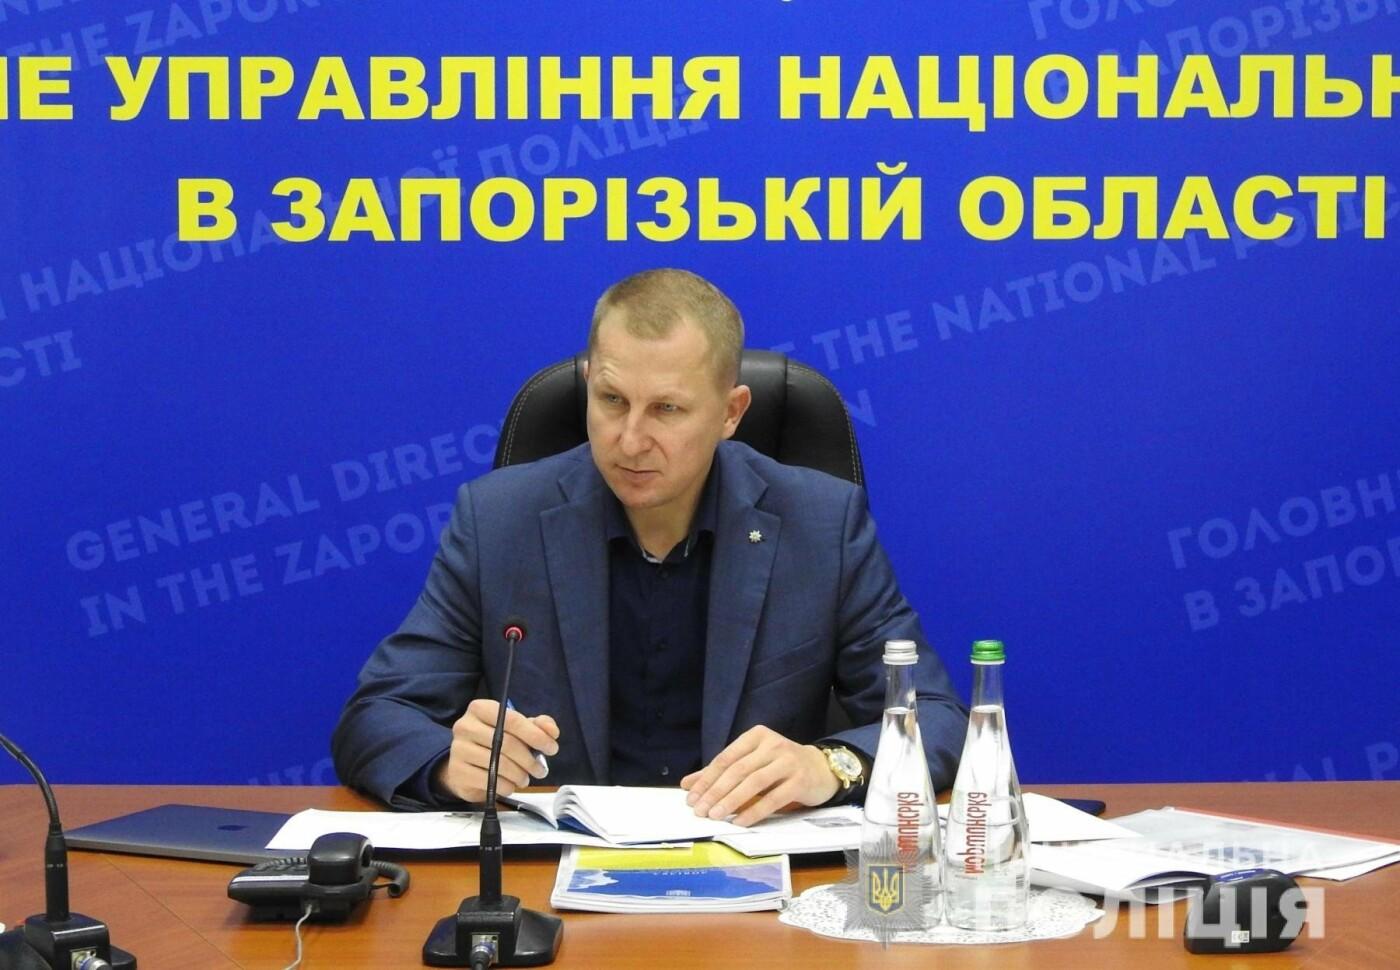 По делу об убийстве Олешко задержаны новые подозреваемые, - Аброськин, фото-1